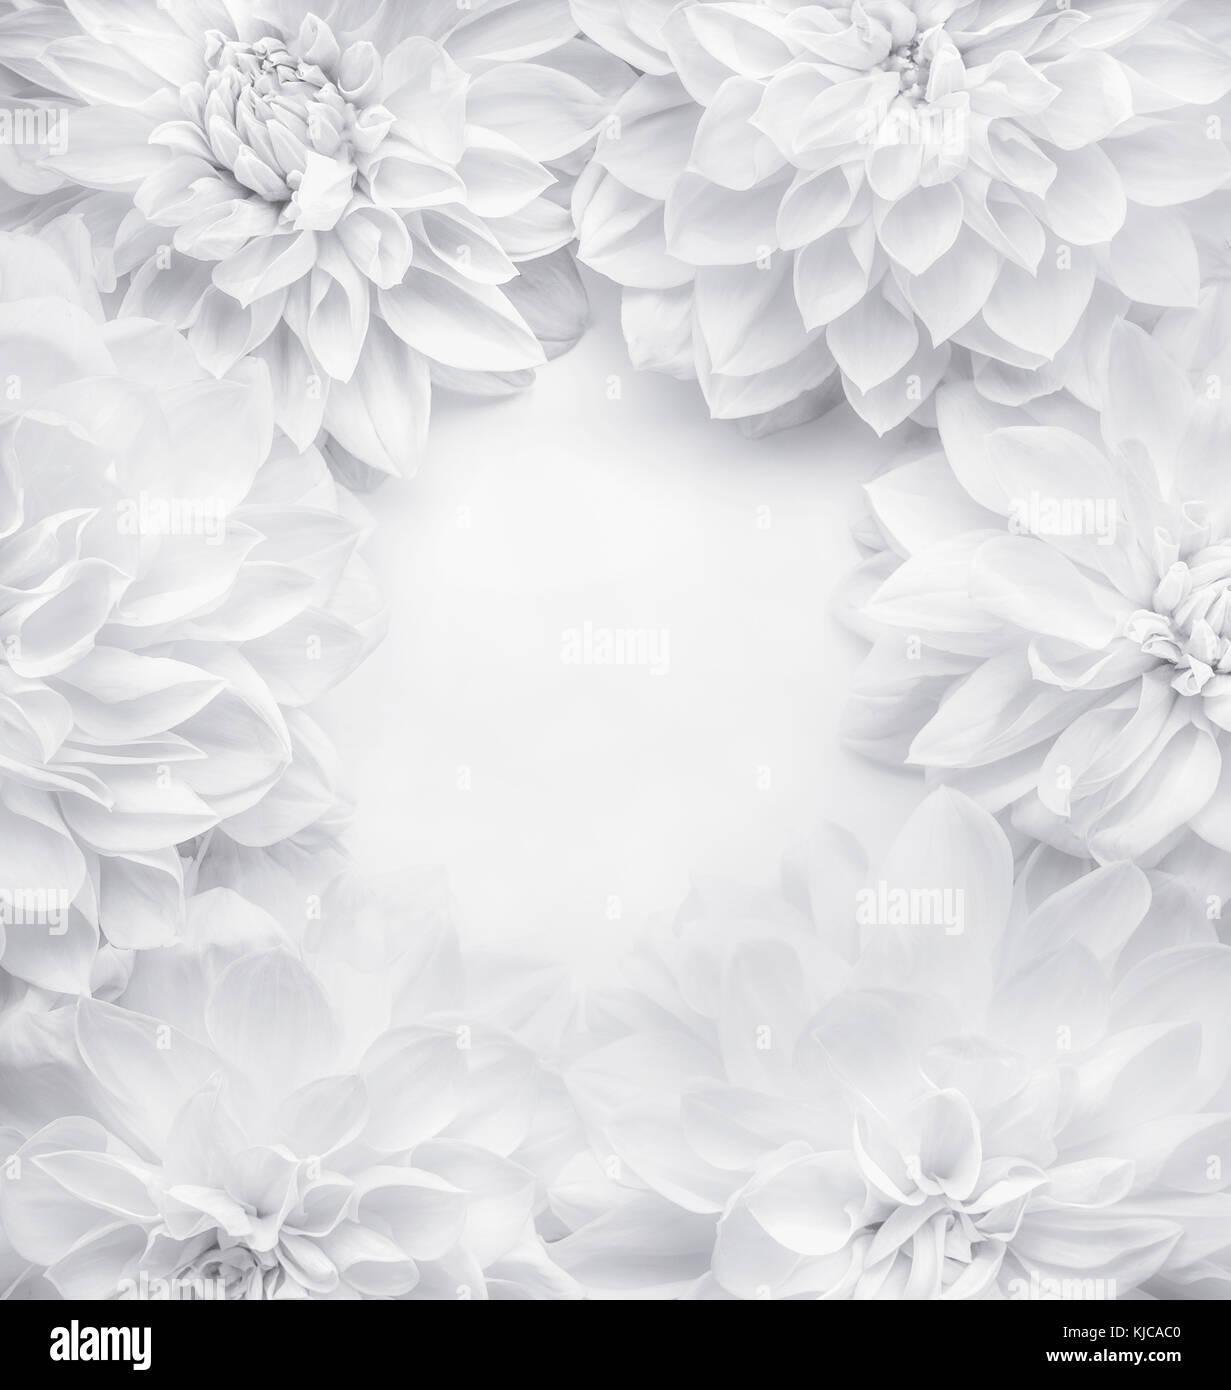 kreative wei e blumen rahmen hintergrund florales muster oder layouts f r gru karte der. Black Bedroom Furniture Sets. Home Design Ideas